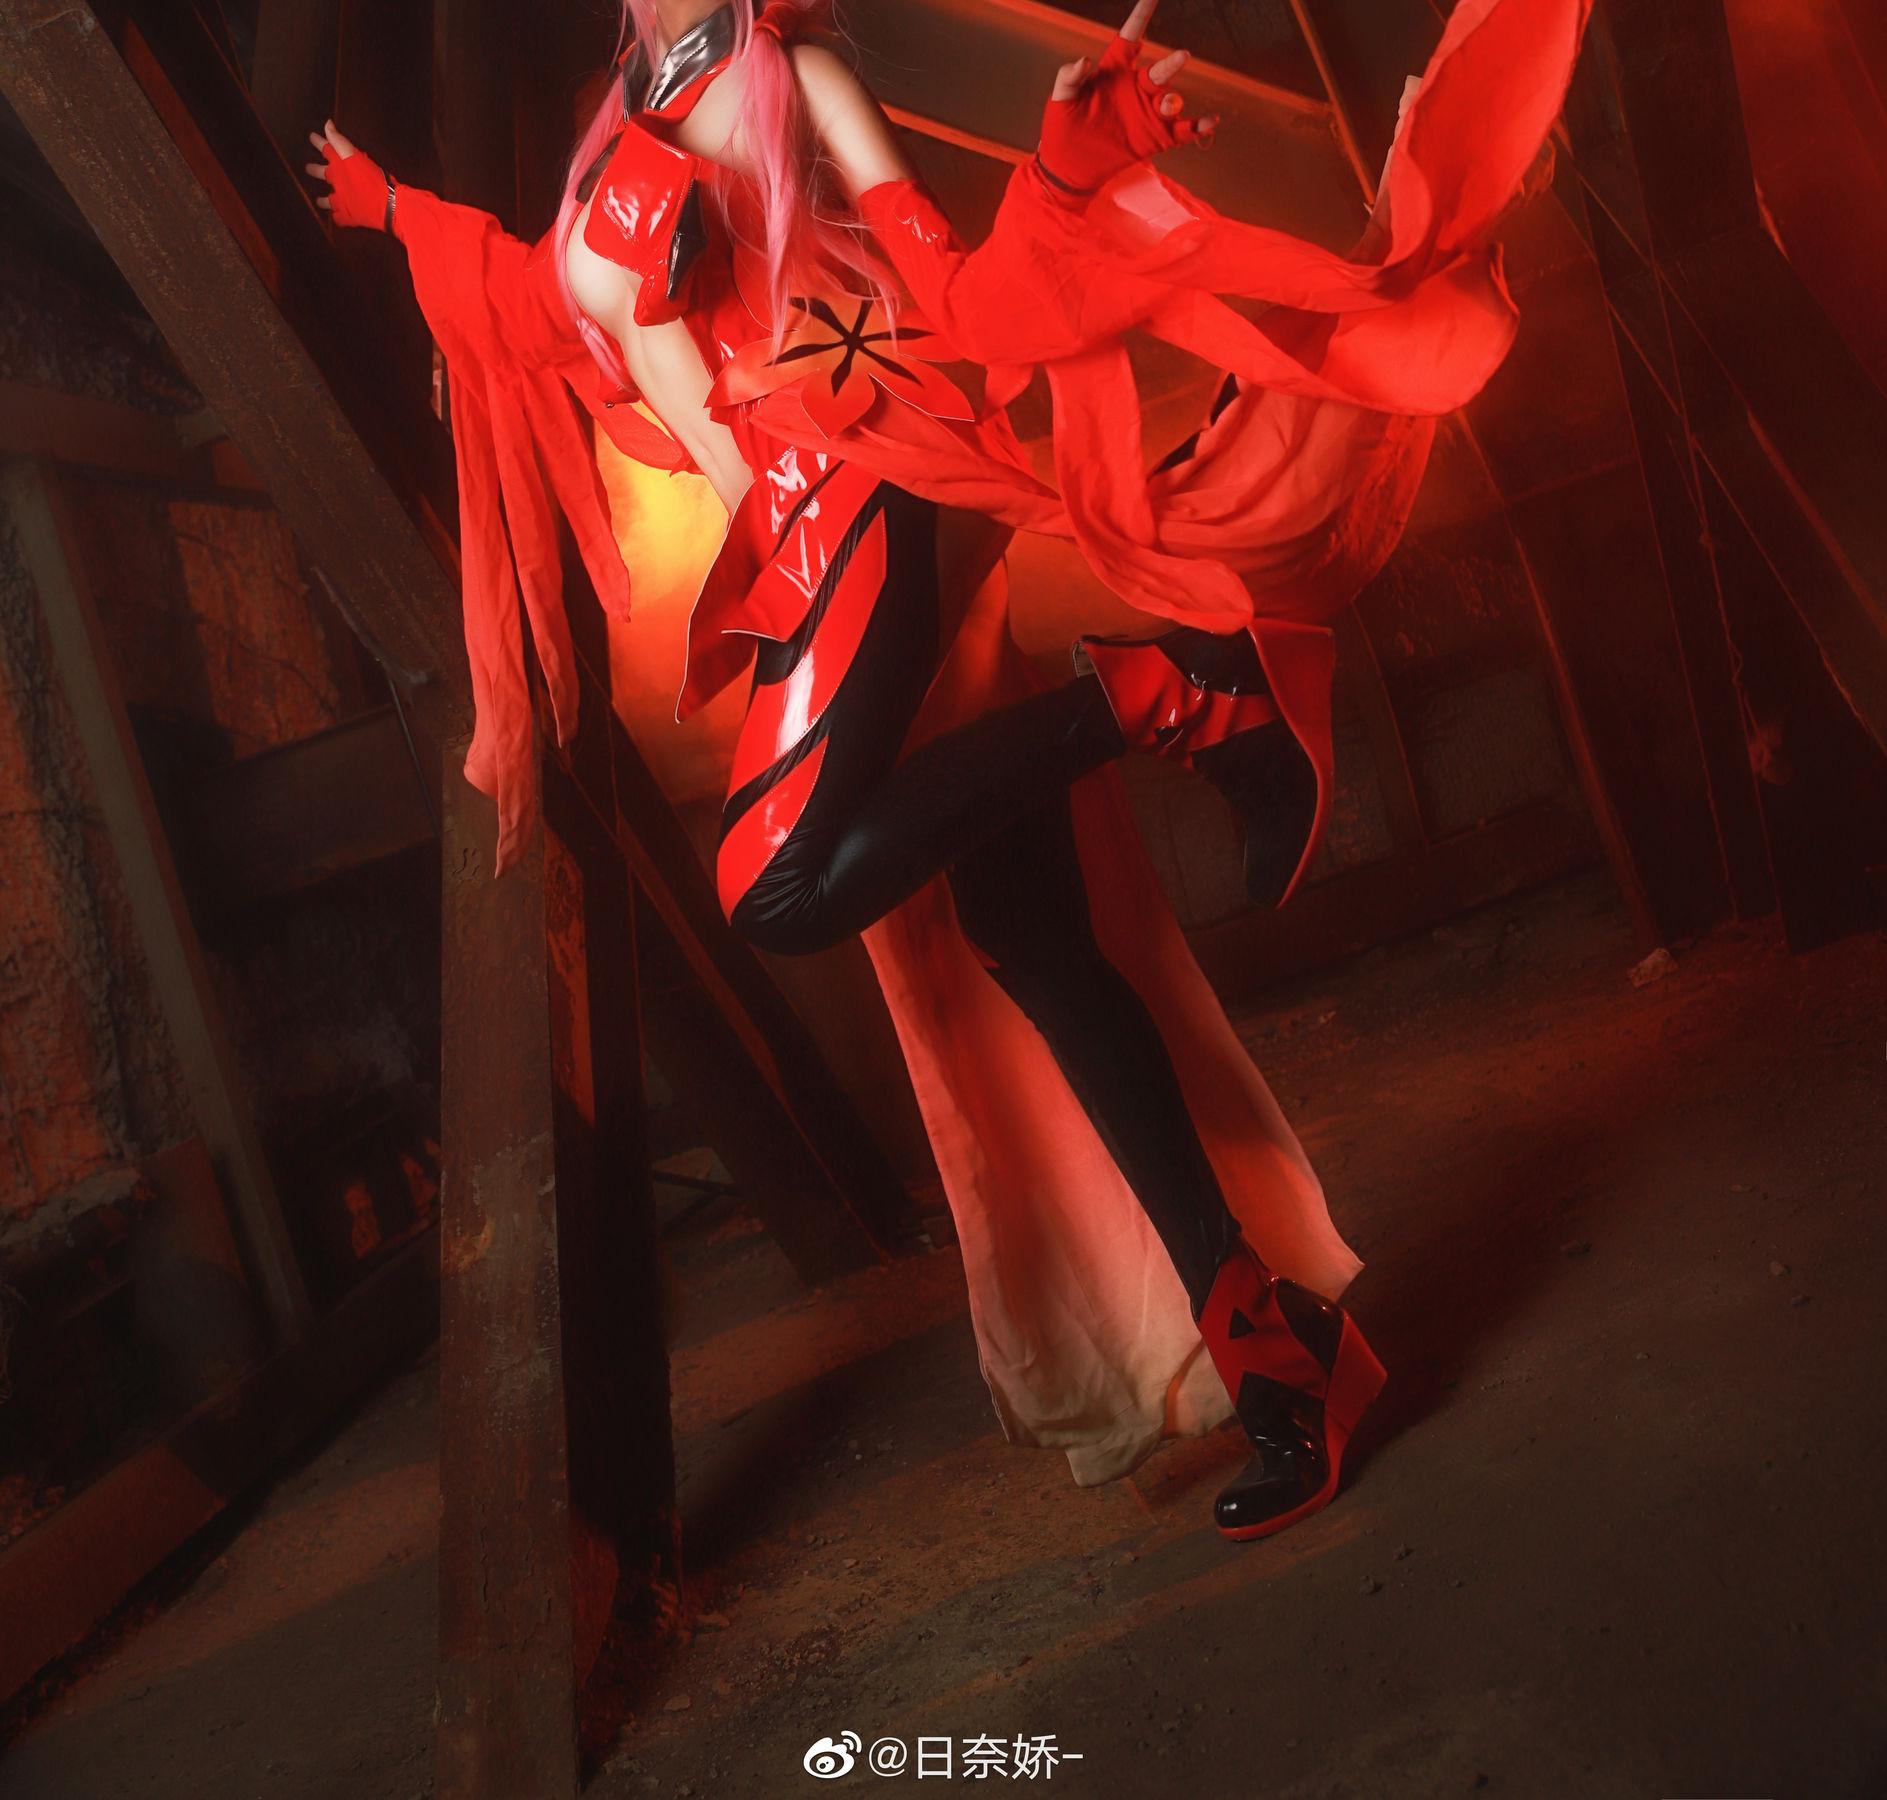 VOL.1394 [网络美女]COSPLAY:日奈娇(COSER日奈娇)高品质写真套图(10P)